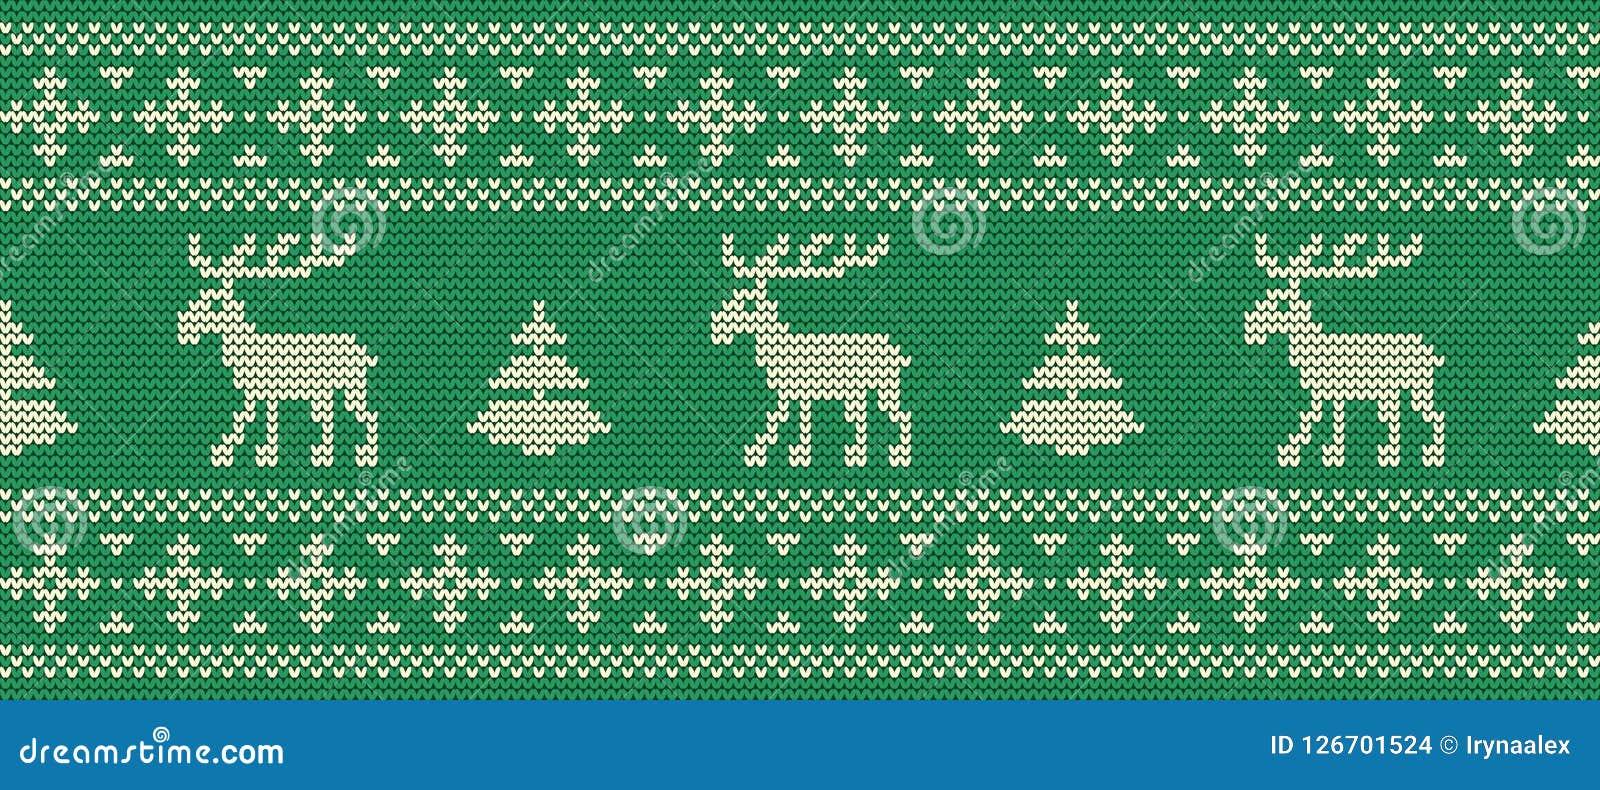 Abstrakcjonistycznych gwiazdkę tła dekoracji projektu ciemnej czerwieni wzoru star white Trykotowy wzór z deers na zielonym tle